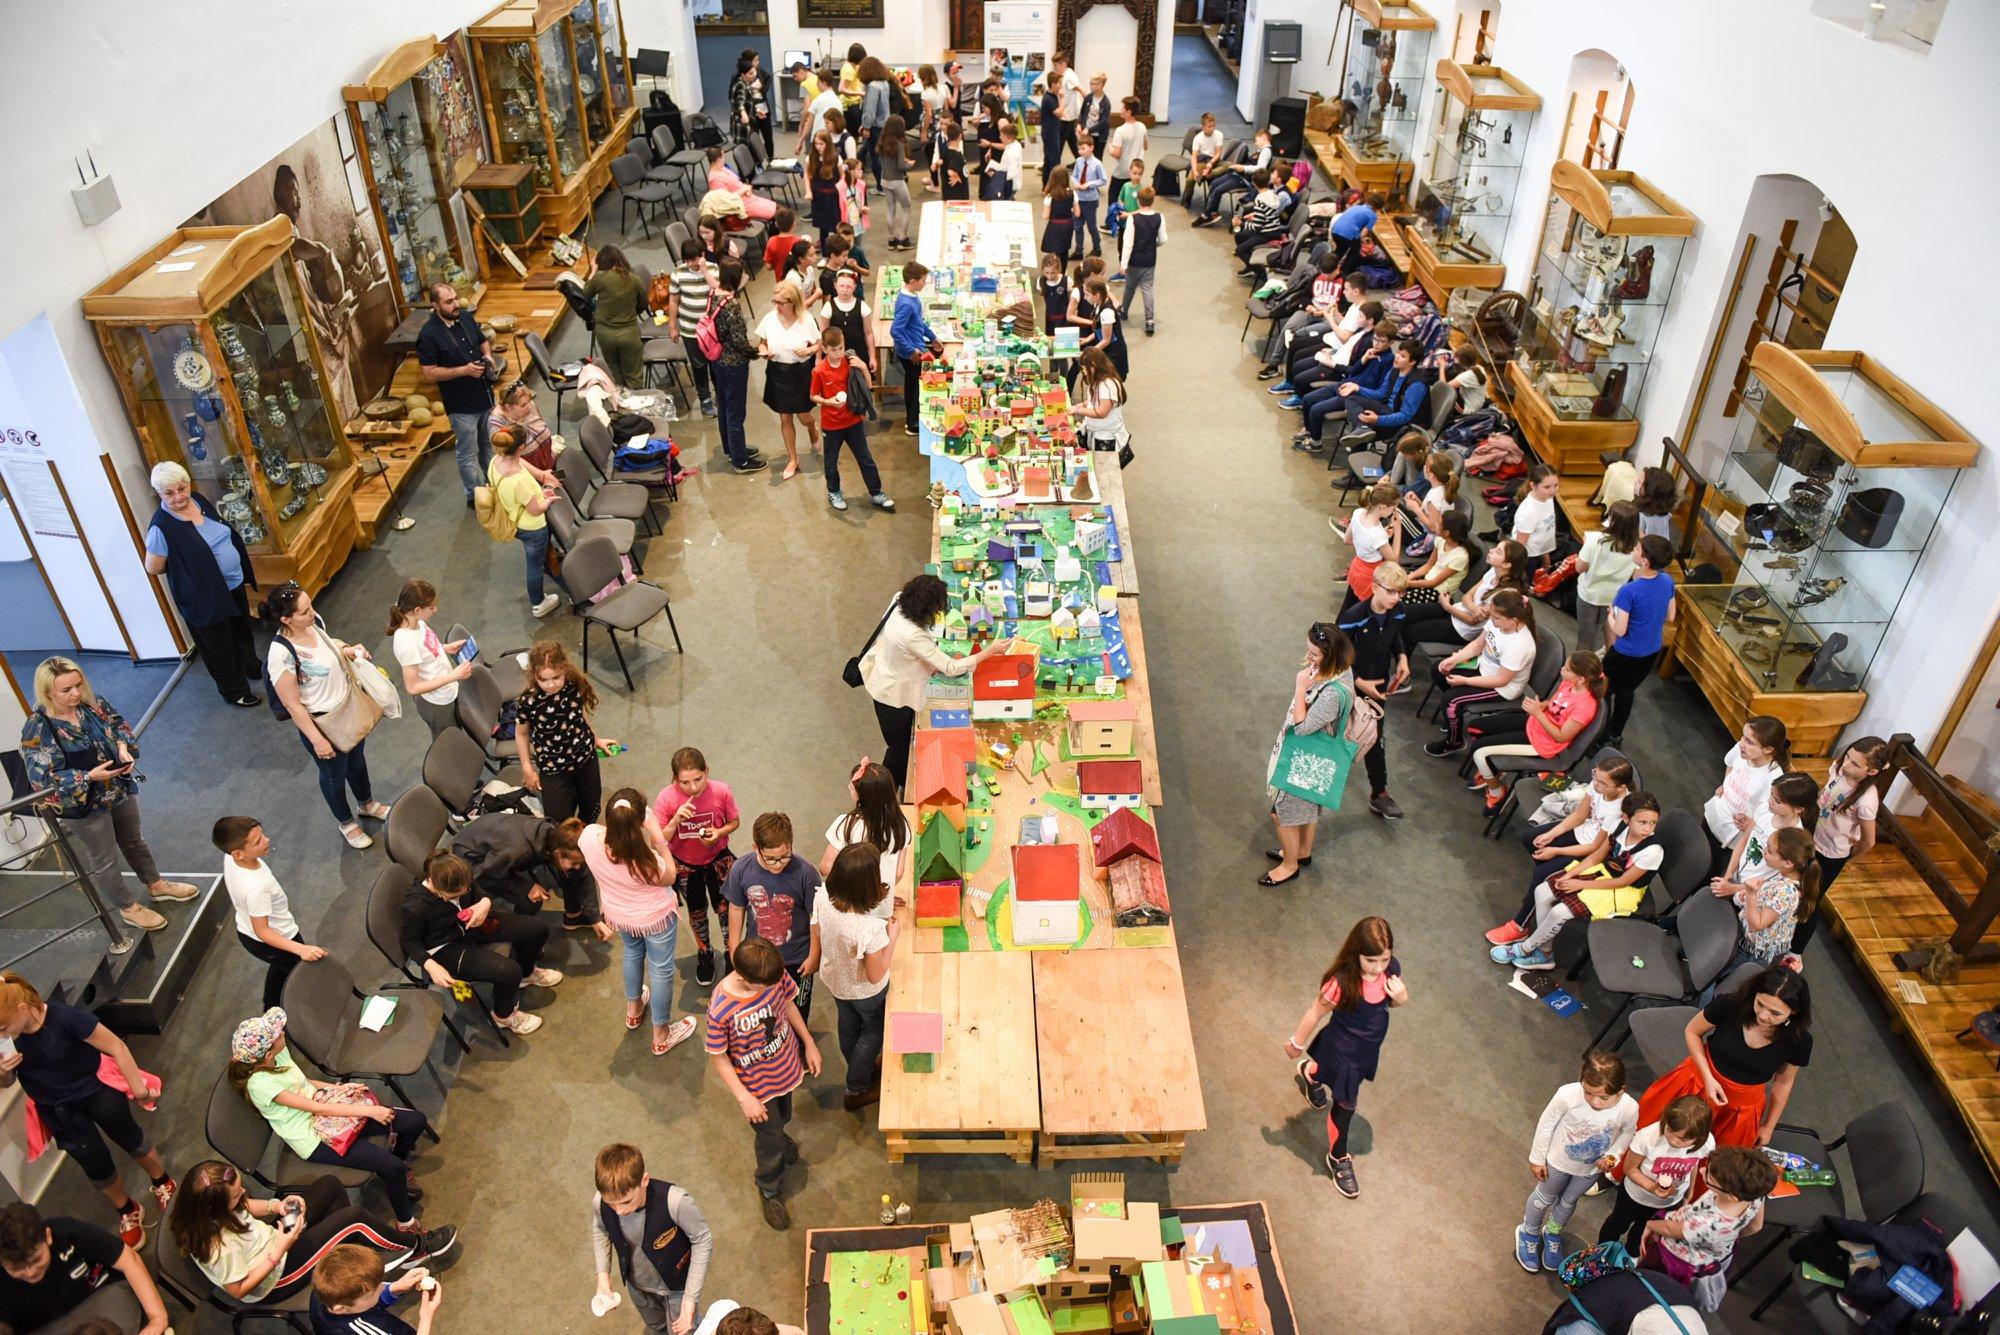 Expoziţiile claselor De-a arhitectura încheie anul şcolar 2018-2019 şi marchează începutul pregătirii îndrumătorilor pentru 2019-2020